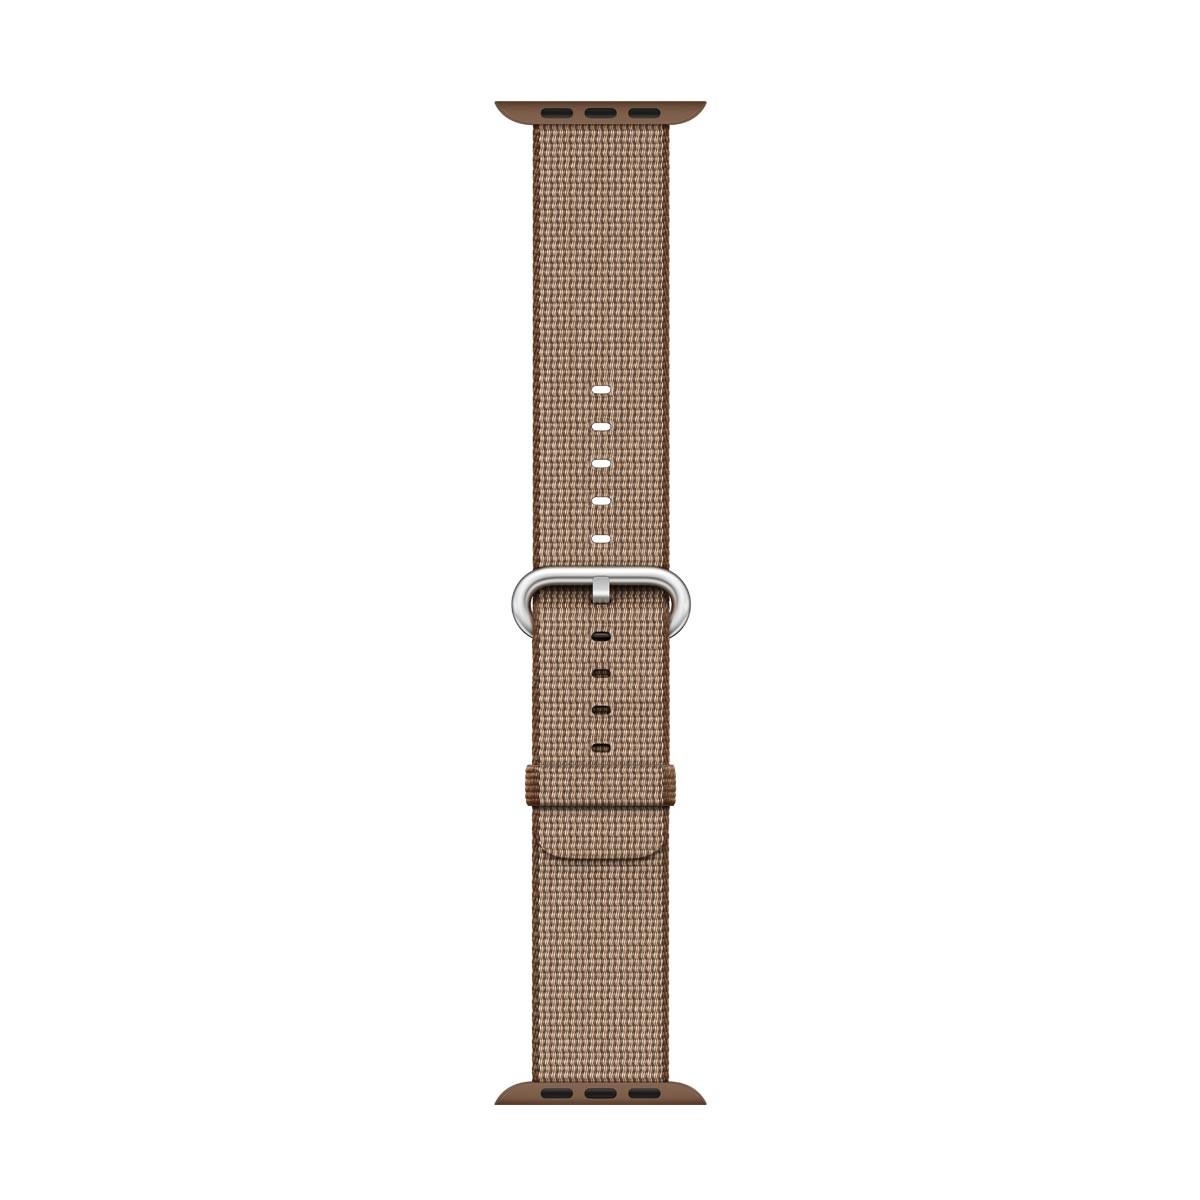 Apple - 38mm kávově/karamelově hnědý řemínek z tkaného nylonu